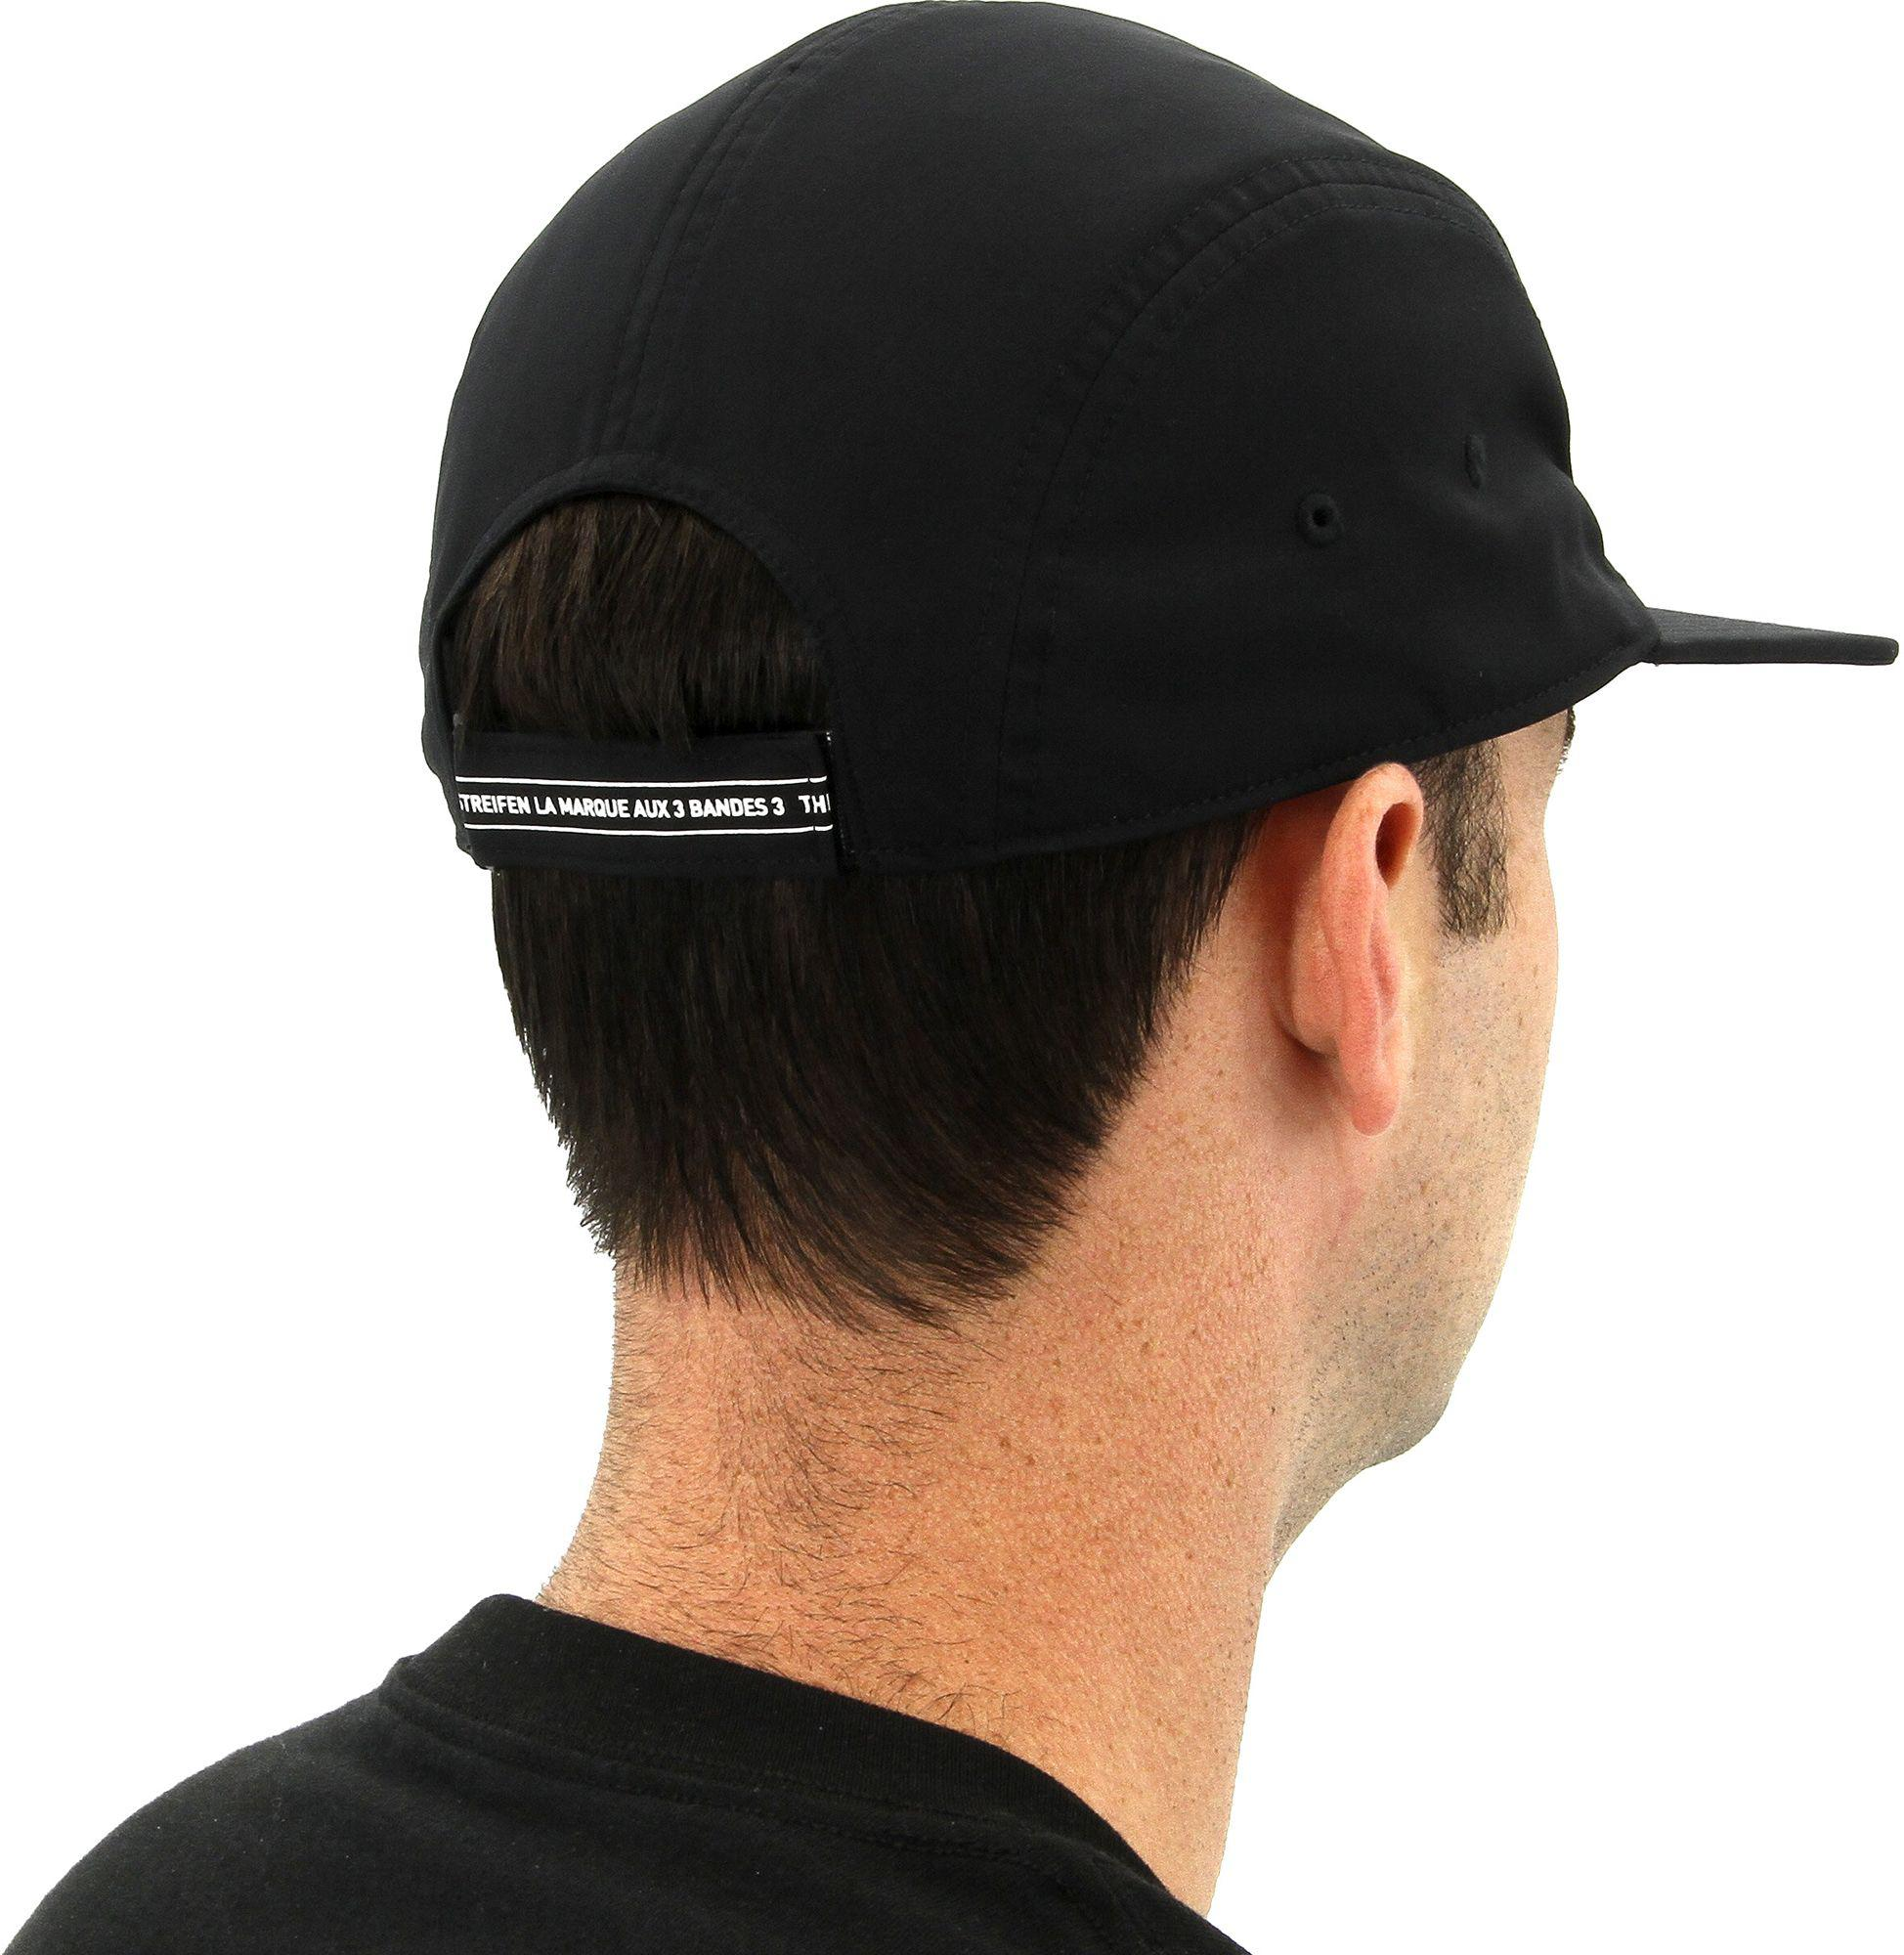 aef3cd26c19 Lyst - adidas Originals Nmd Trainer Hat in Black for Men